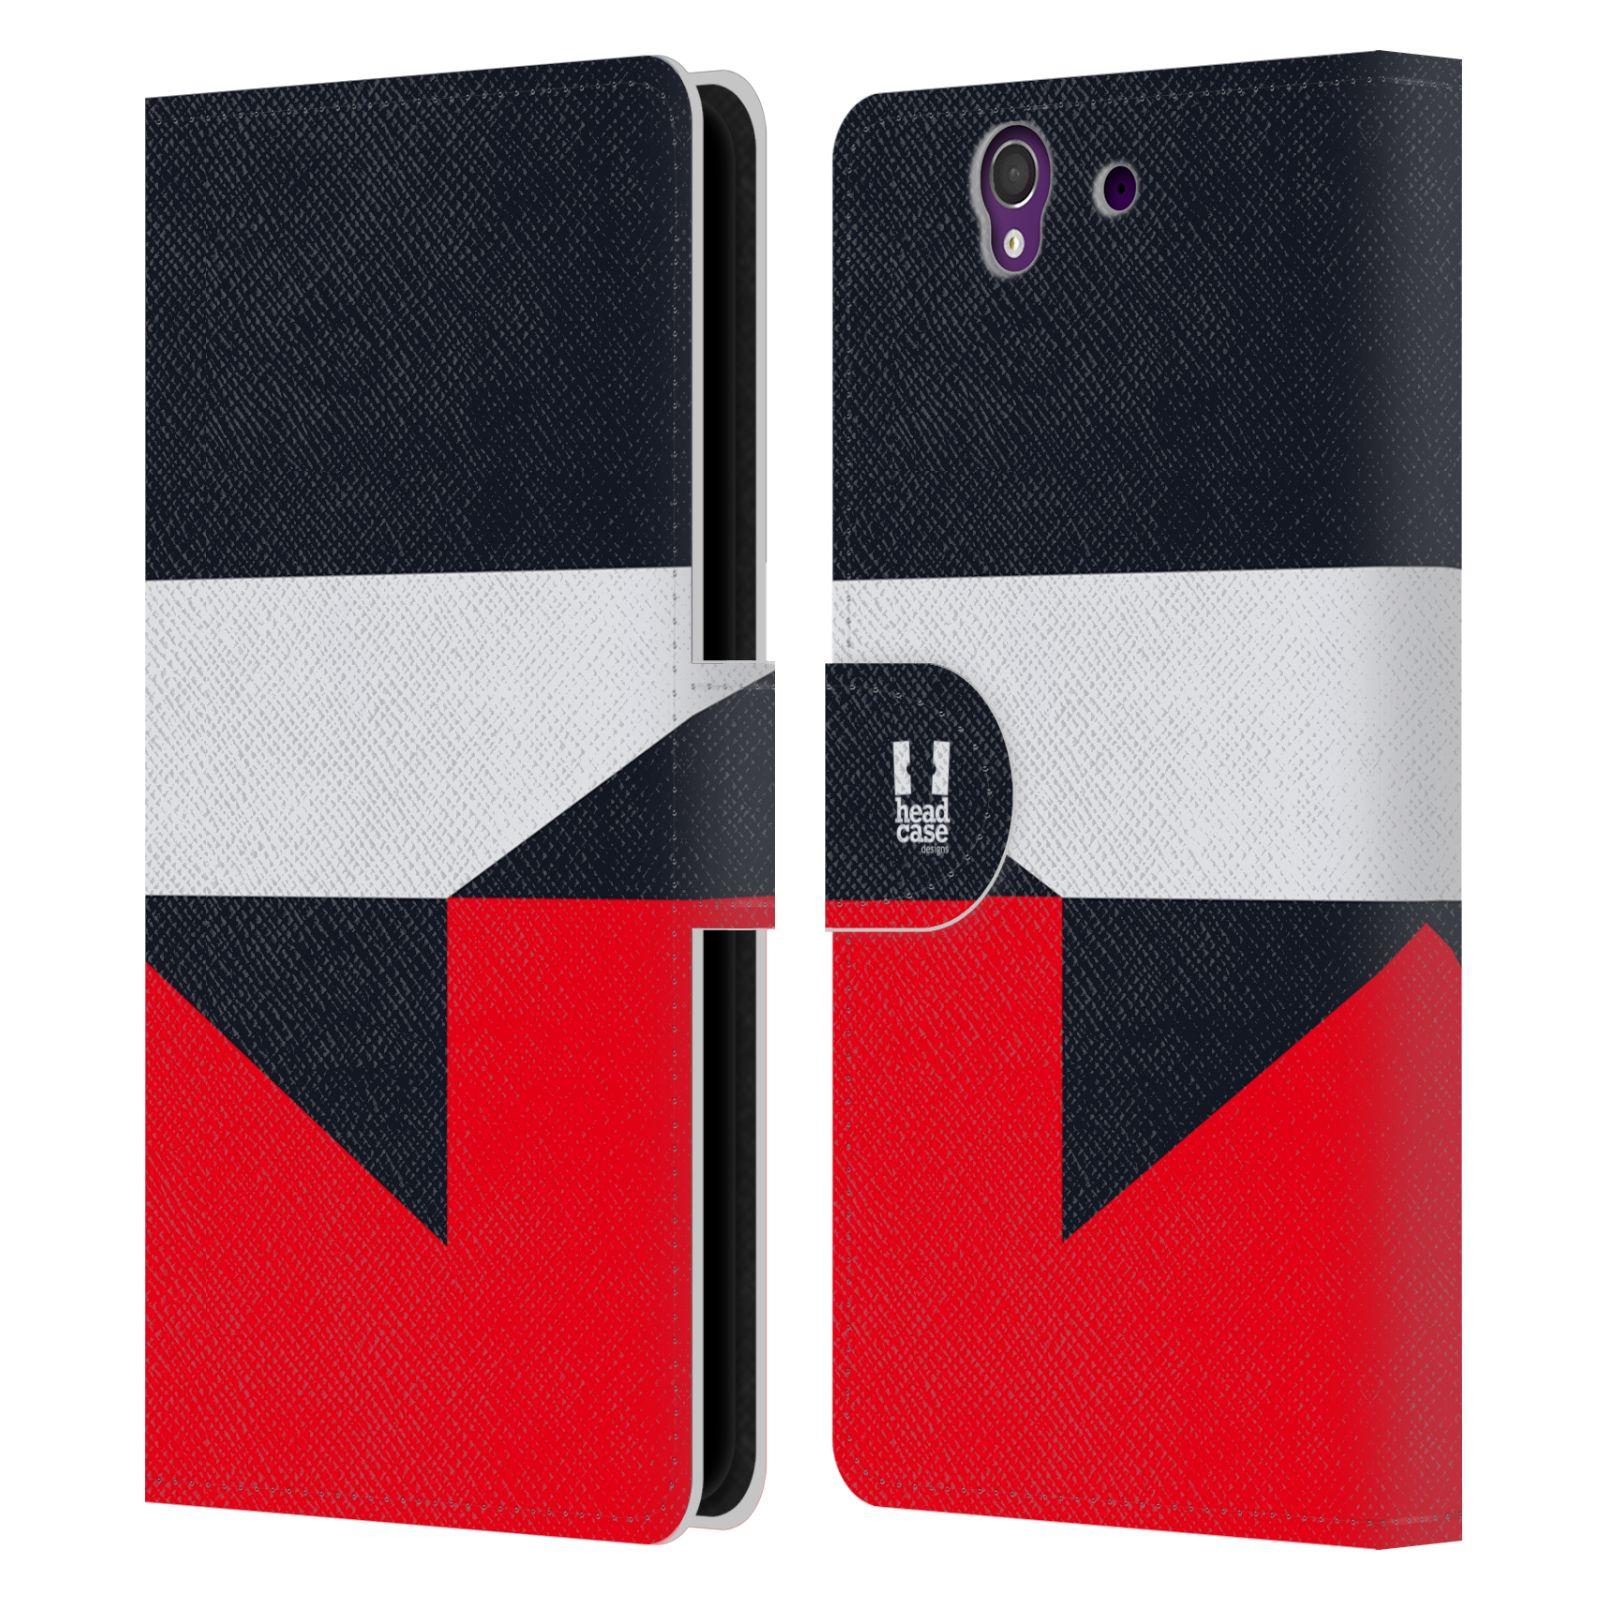 HEAD CASE Flipové pouzdro pro mobil SONY Xperia Z barevné tvary černá a červená gejša